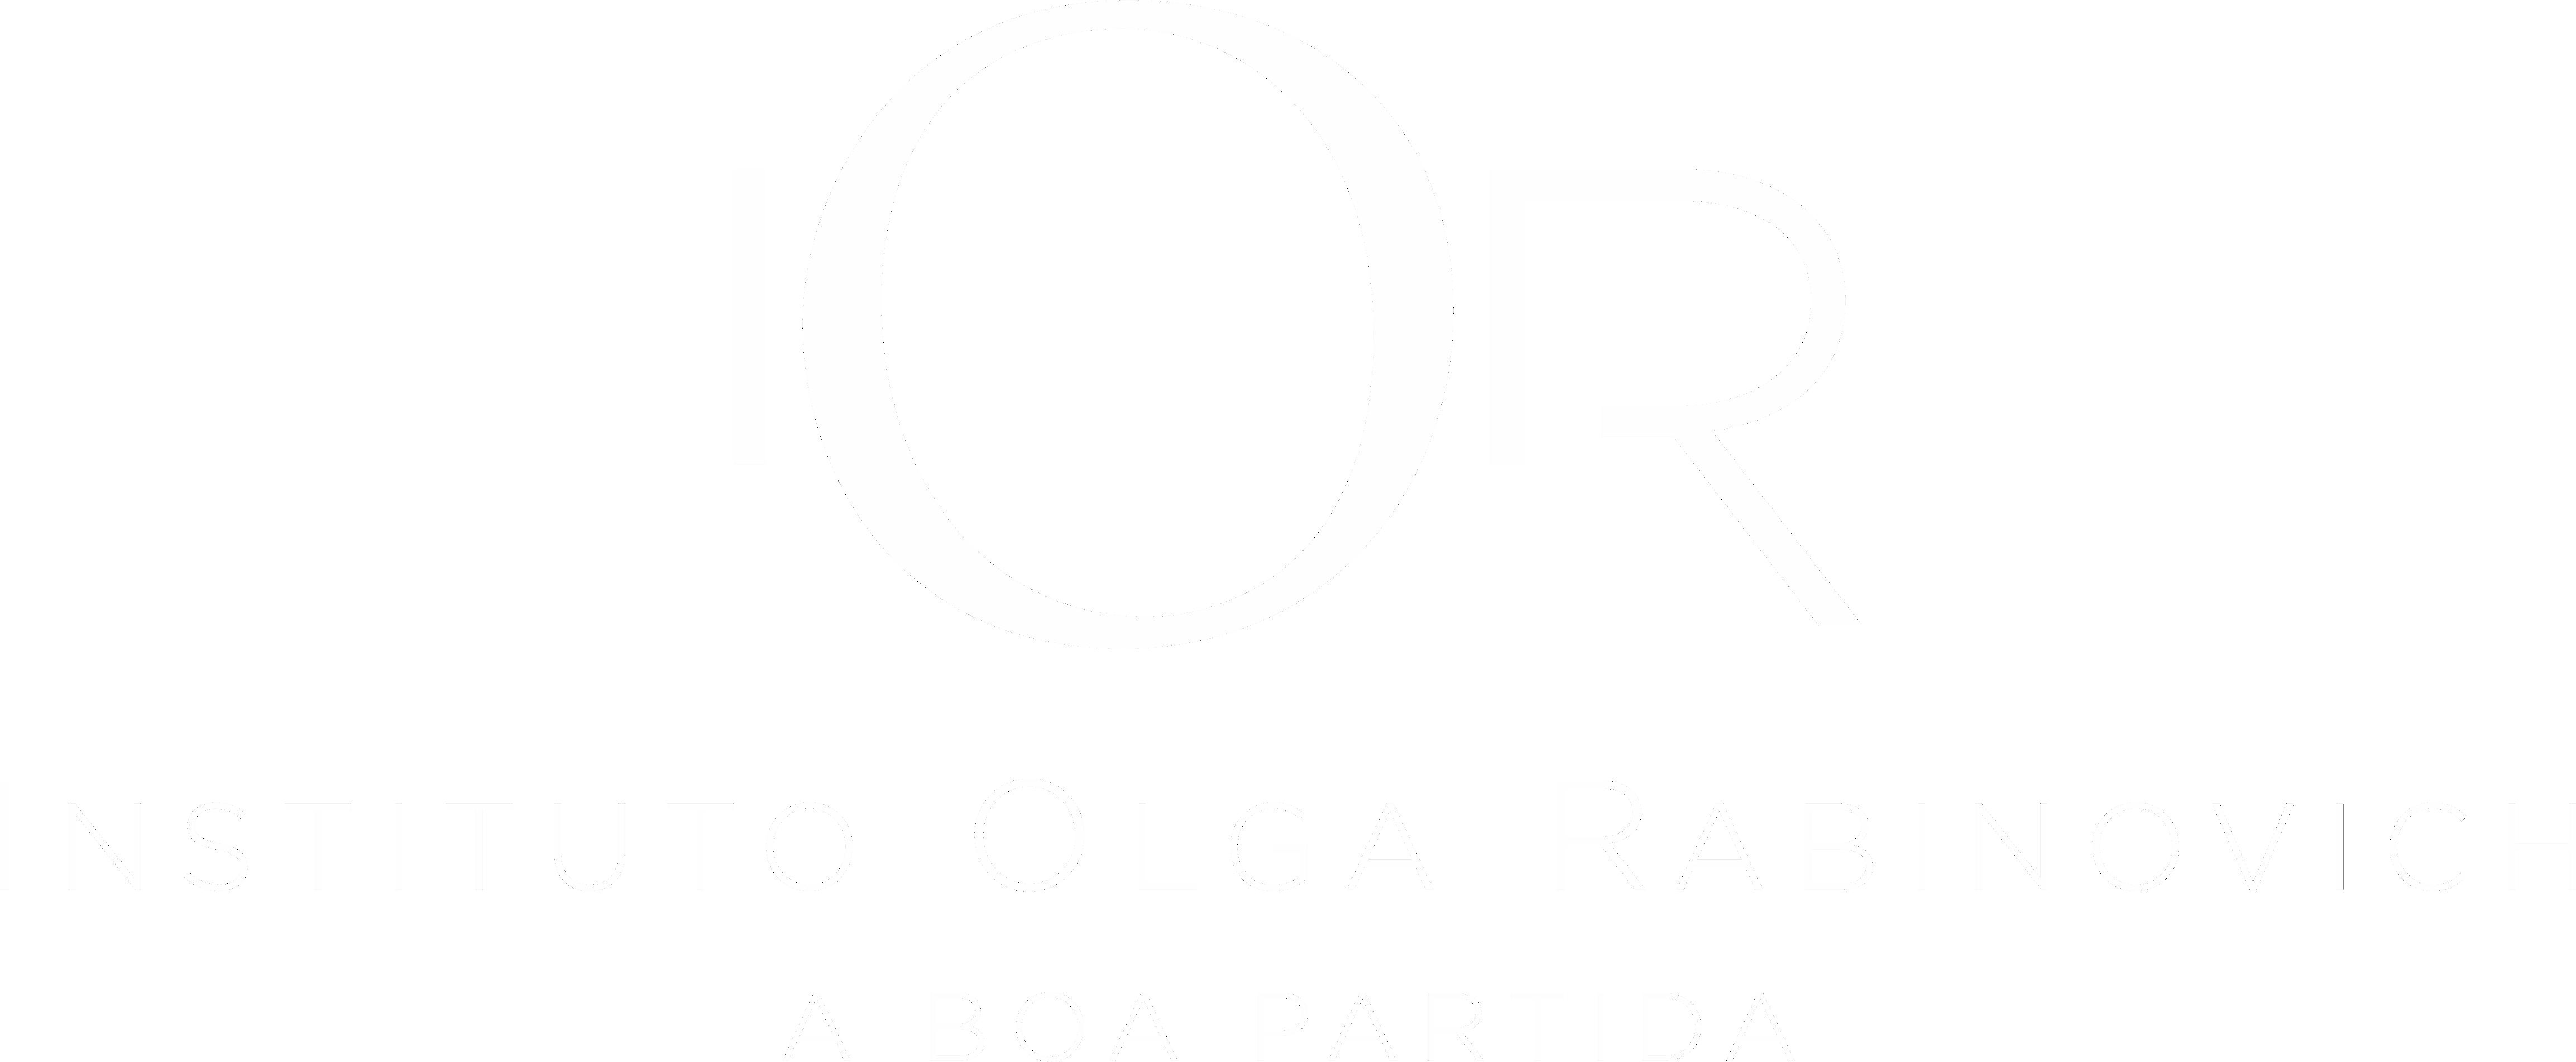 Instituto Olga Rabinovich